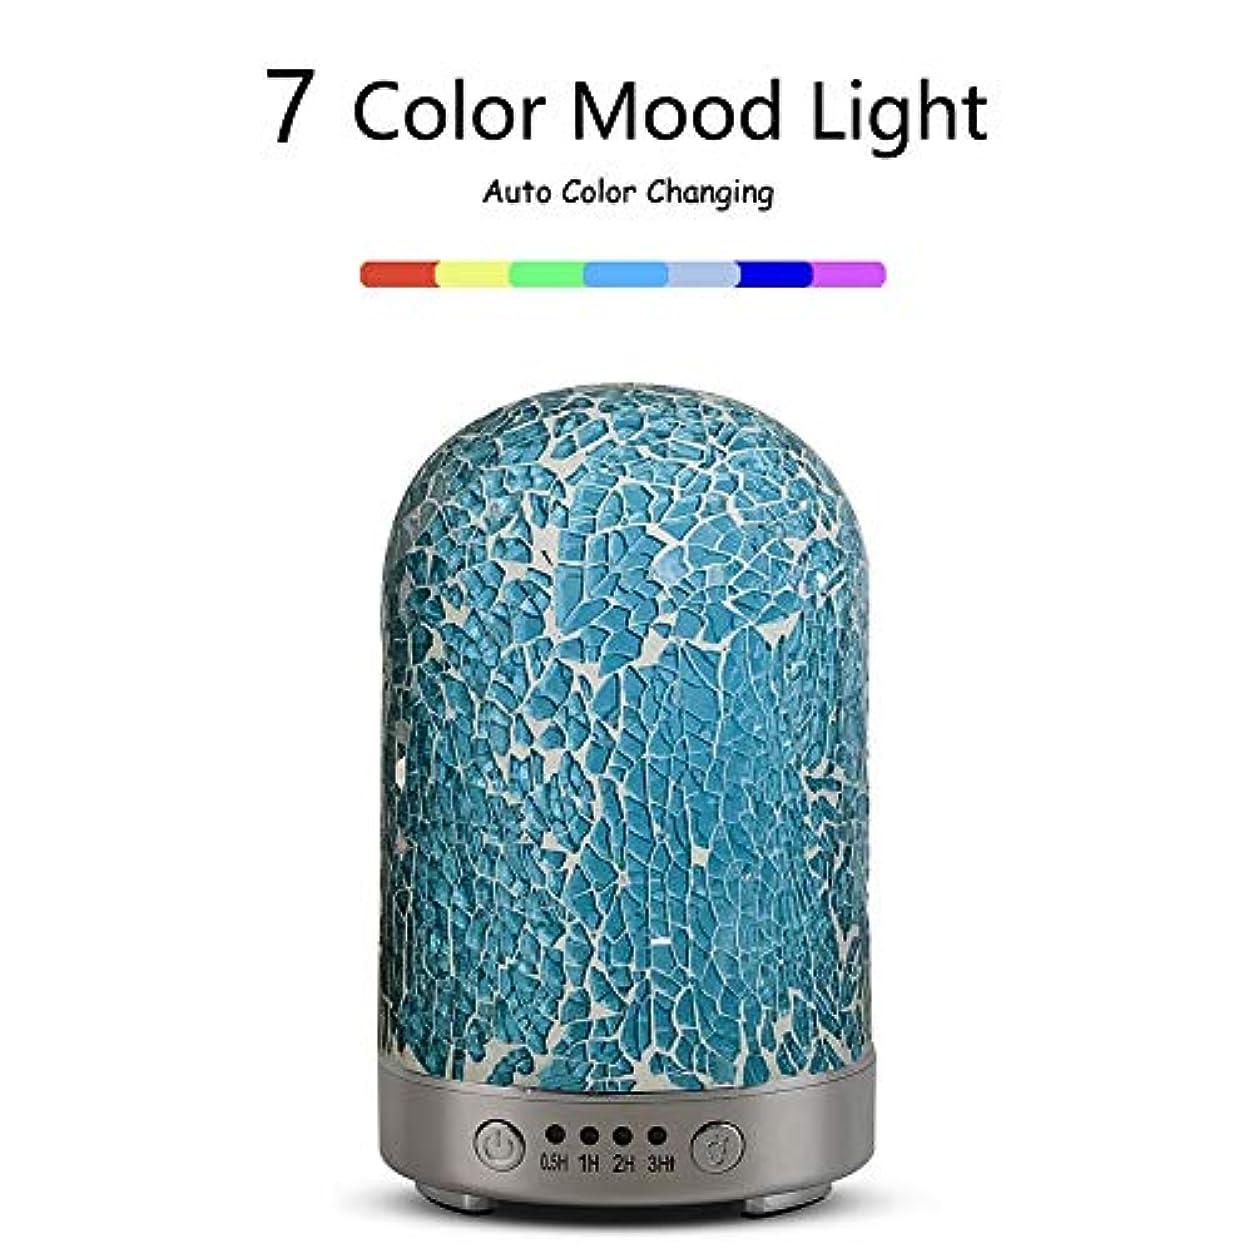 一欲望ディスクアロマセラピーエッセンシャルオイルディフューザーアロマ加湿器10 mlクラックモザイクガラスシェル7色LEDライトミュート自動ライト変更